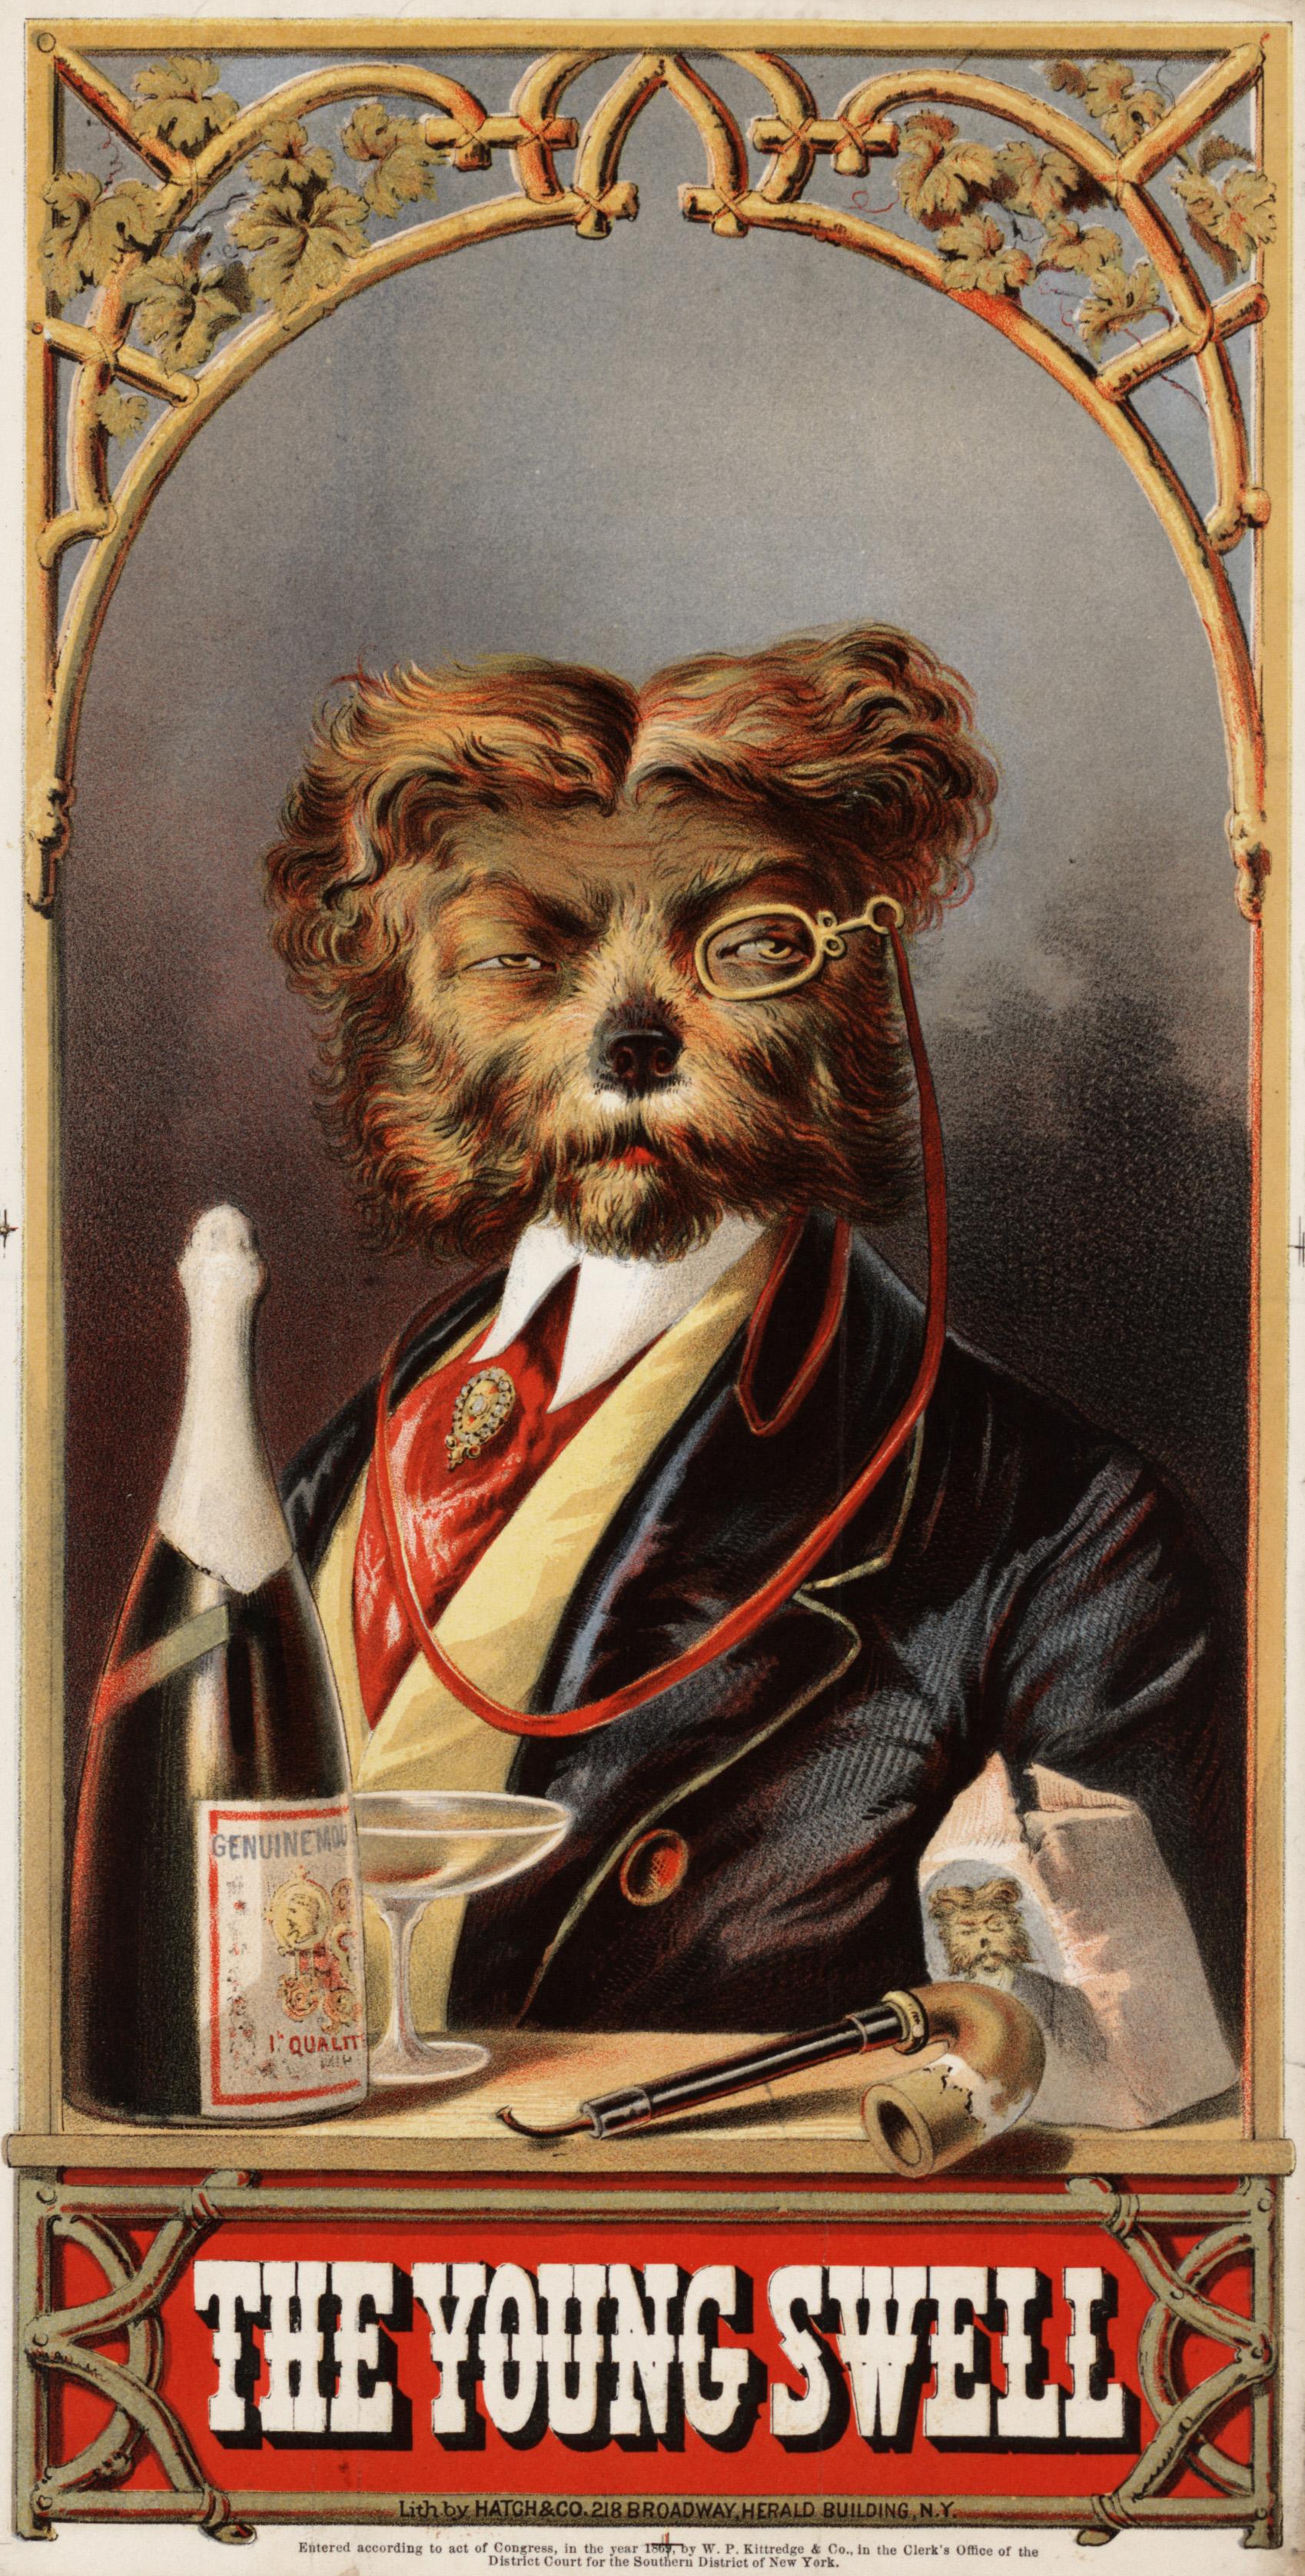 """Stampa cromolitografica di un'etichetta di tabacco con testa e spalle ritratto di un cane vestito da uomo, di fronte, con un monocolo, con in primo piano una bottiglia di champagne, una pipa e un sacchetto di tabacco da pipa. Esposta in """"American Treasures of the Library of Congress"""", 2004-2005."""